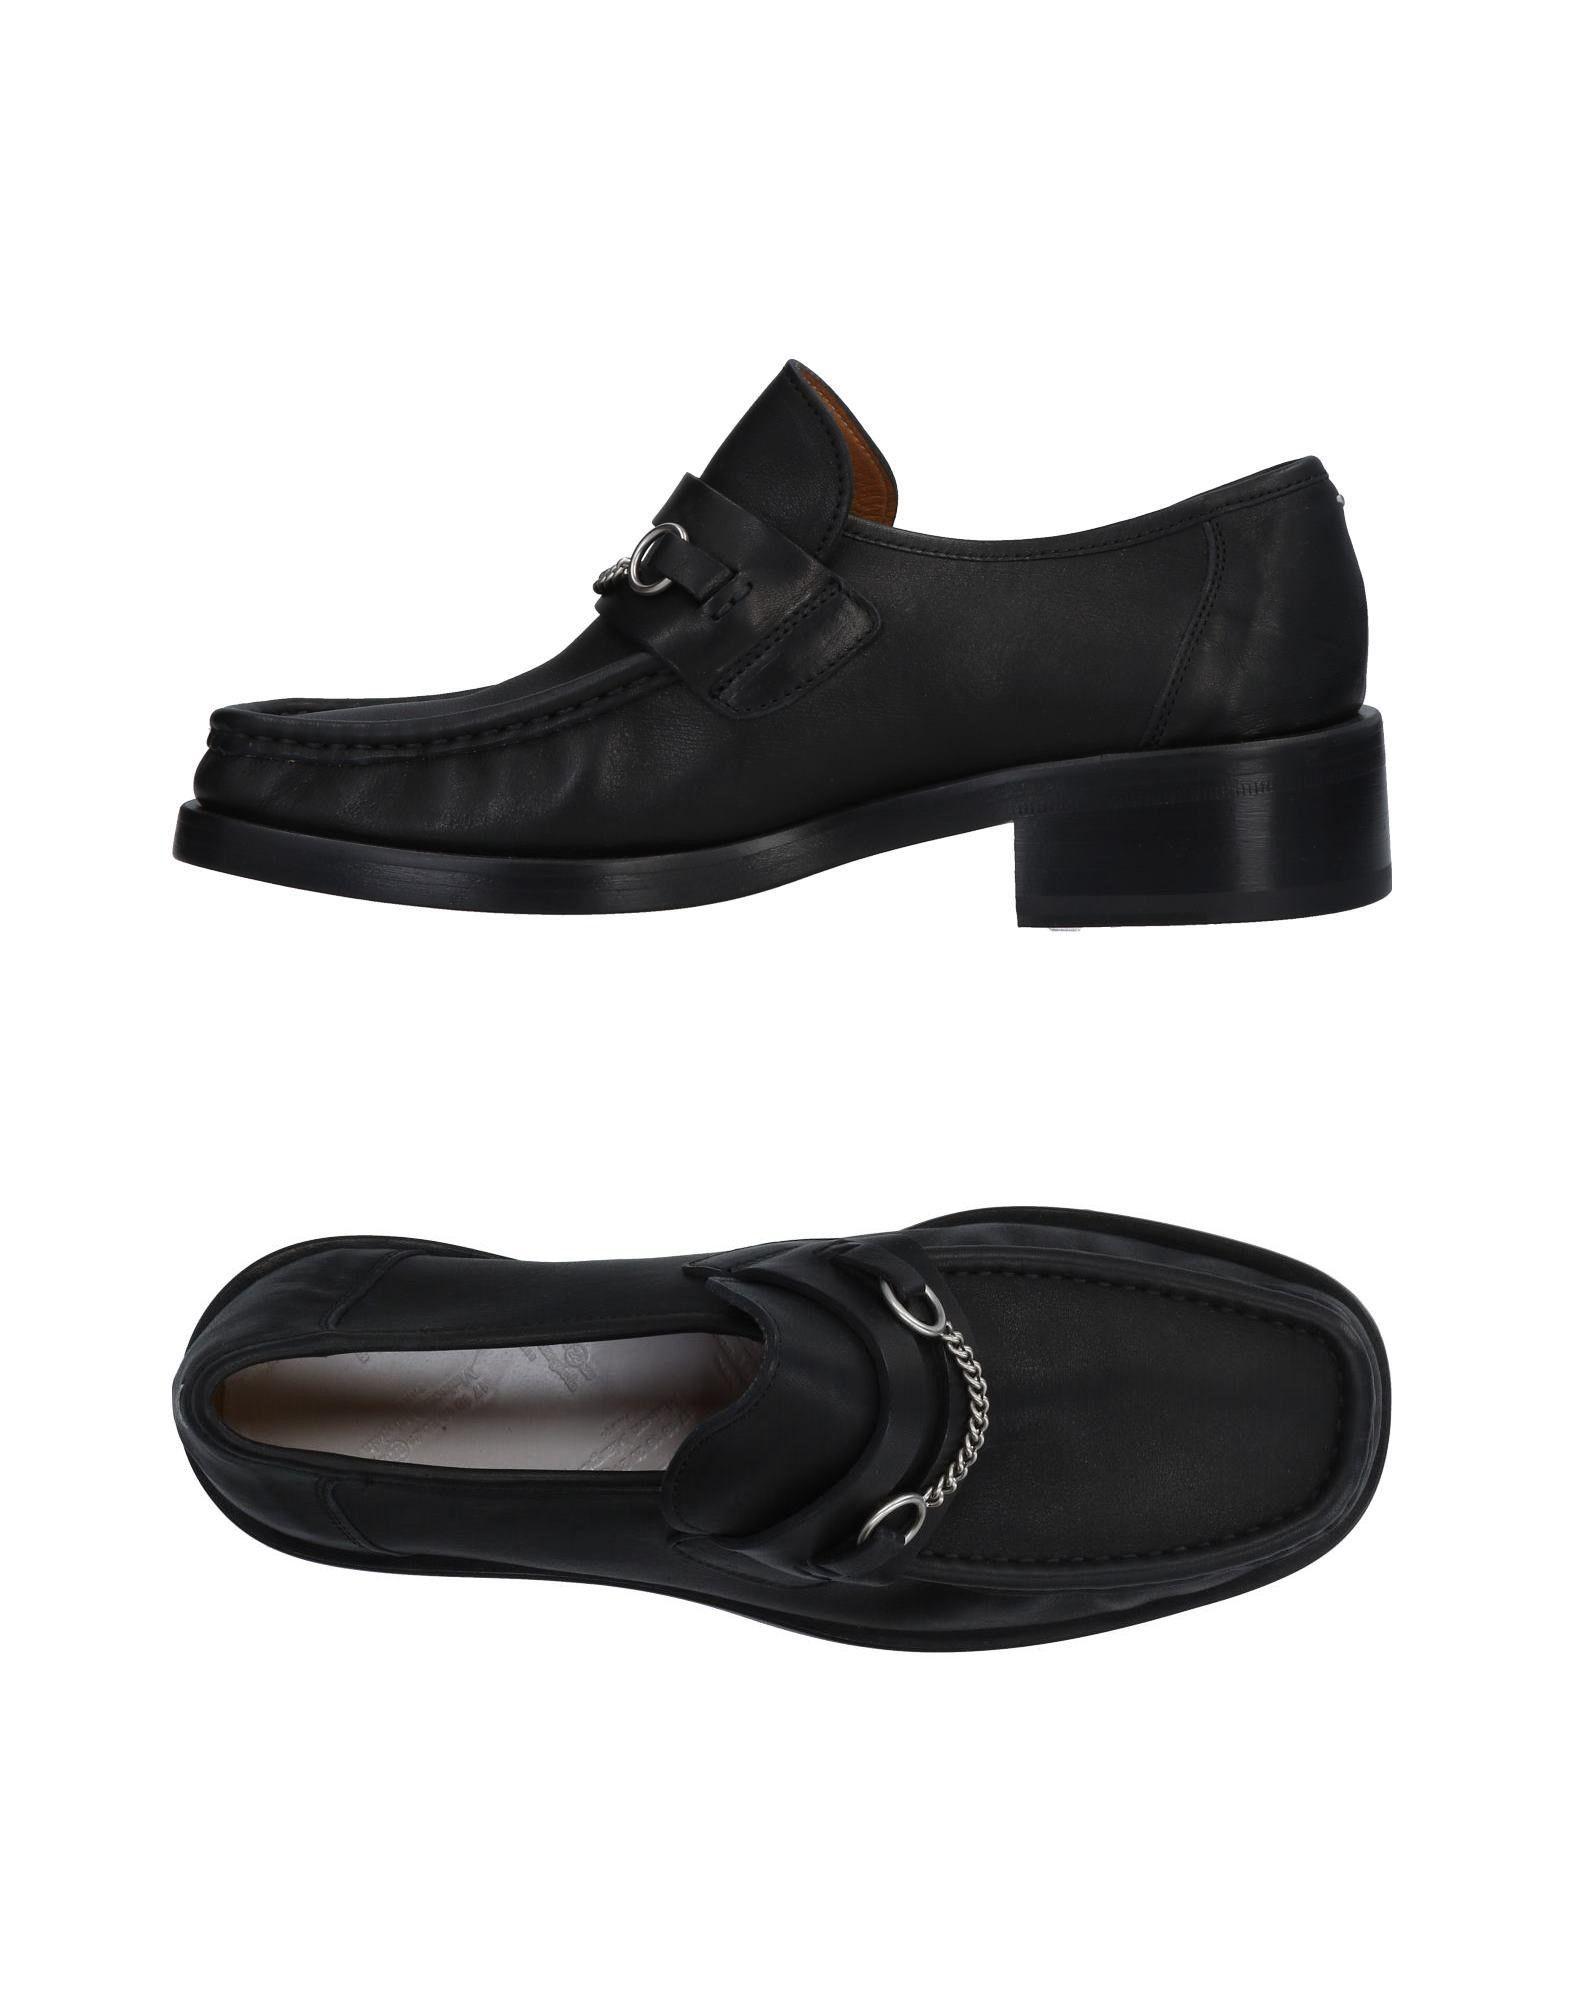 Maison Margiela Mokassins Herren  11471869MG Gute Qualität beliebte Schuhe